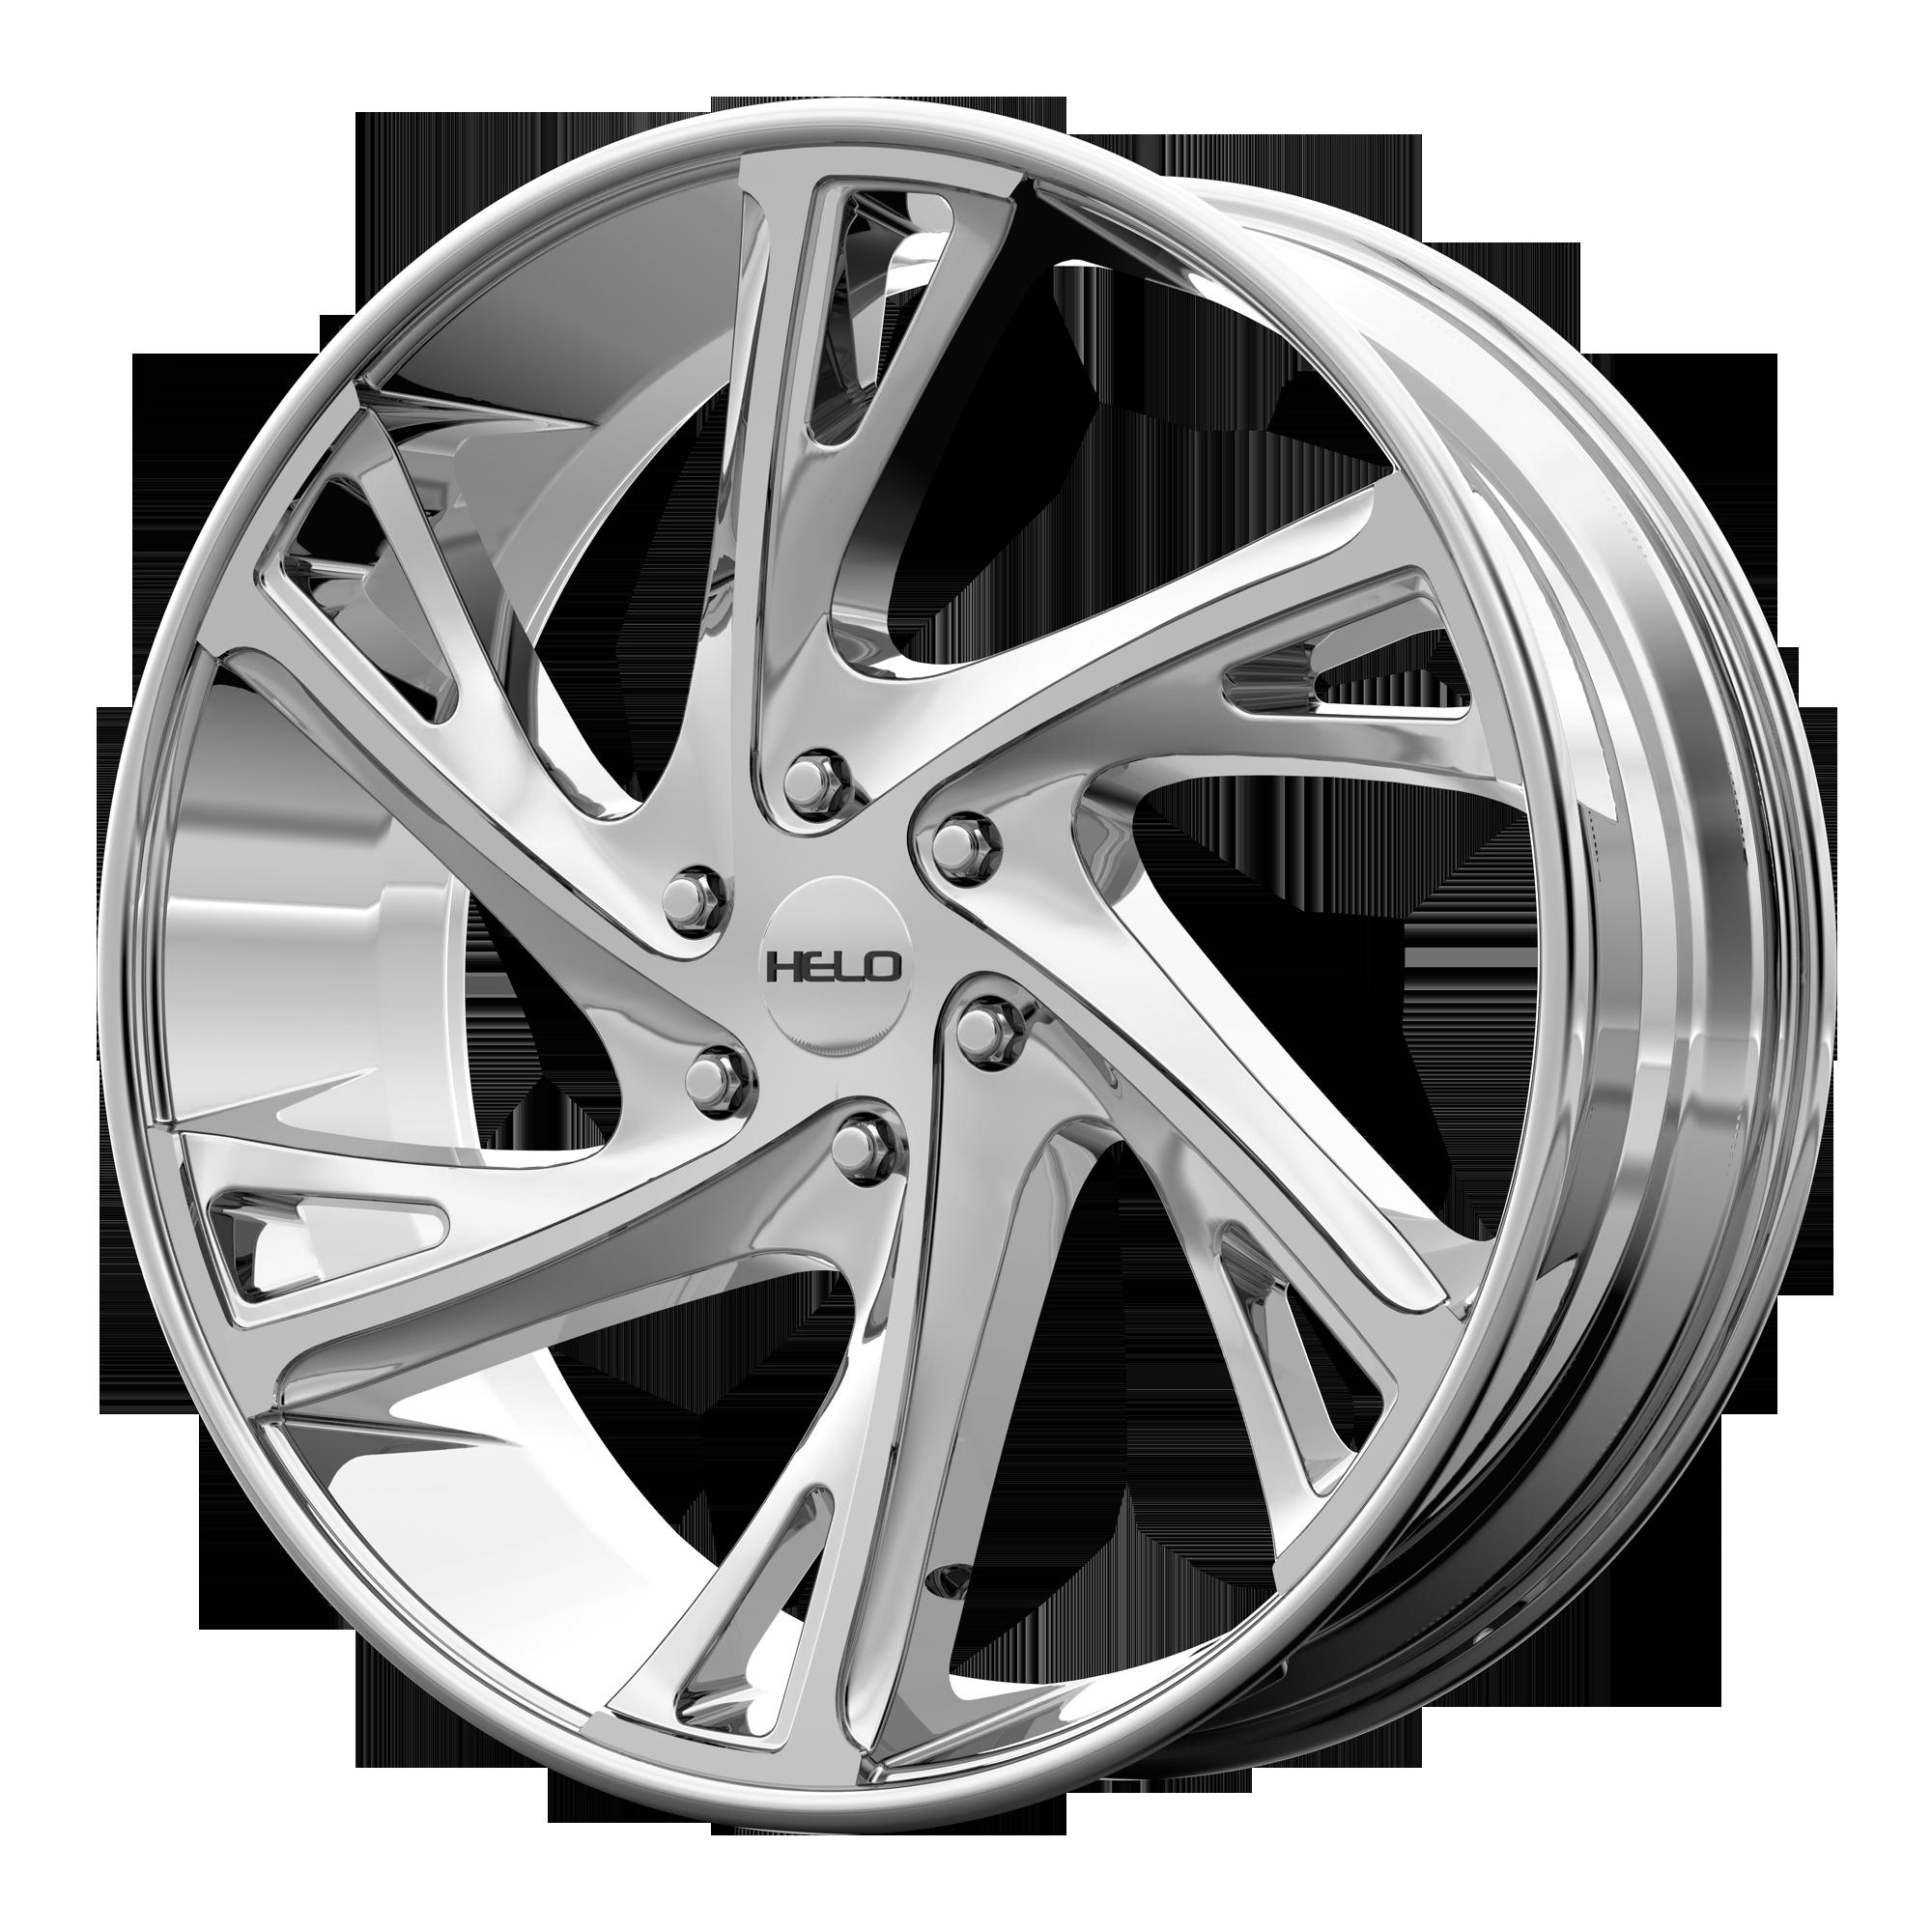 Helo Wheels HE903 Chrome